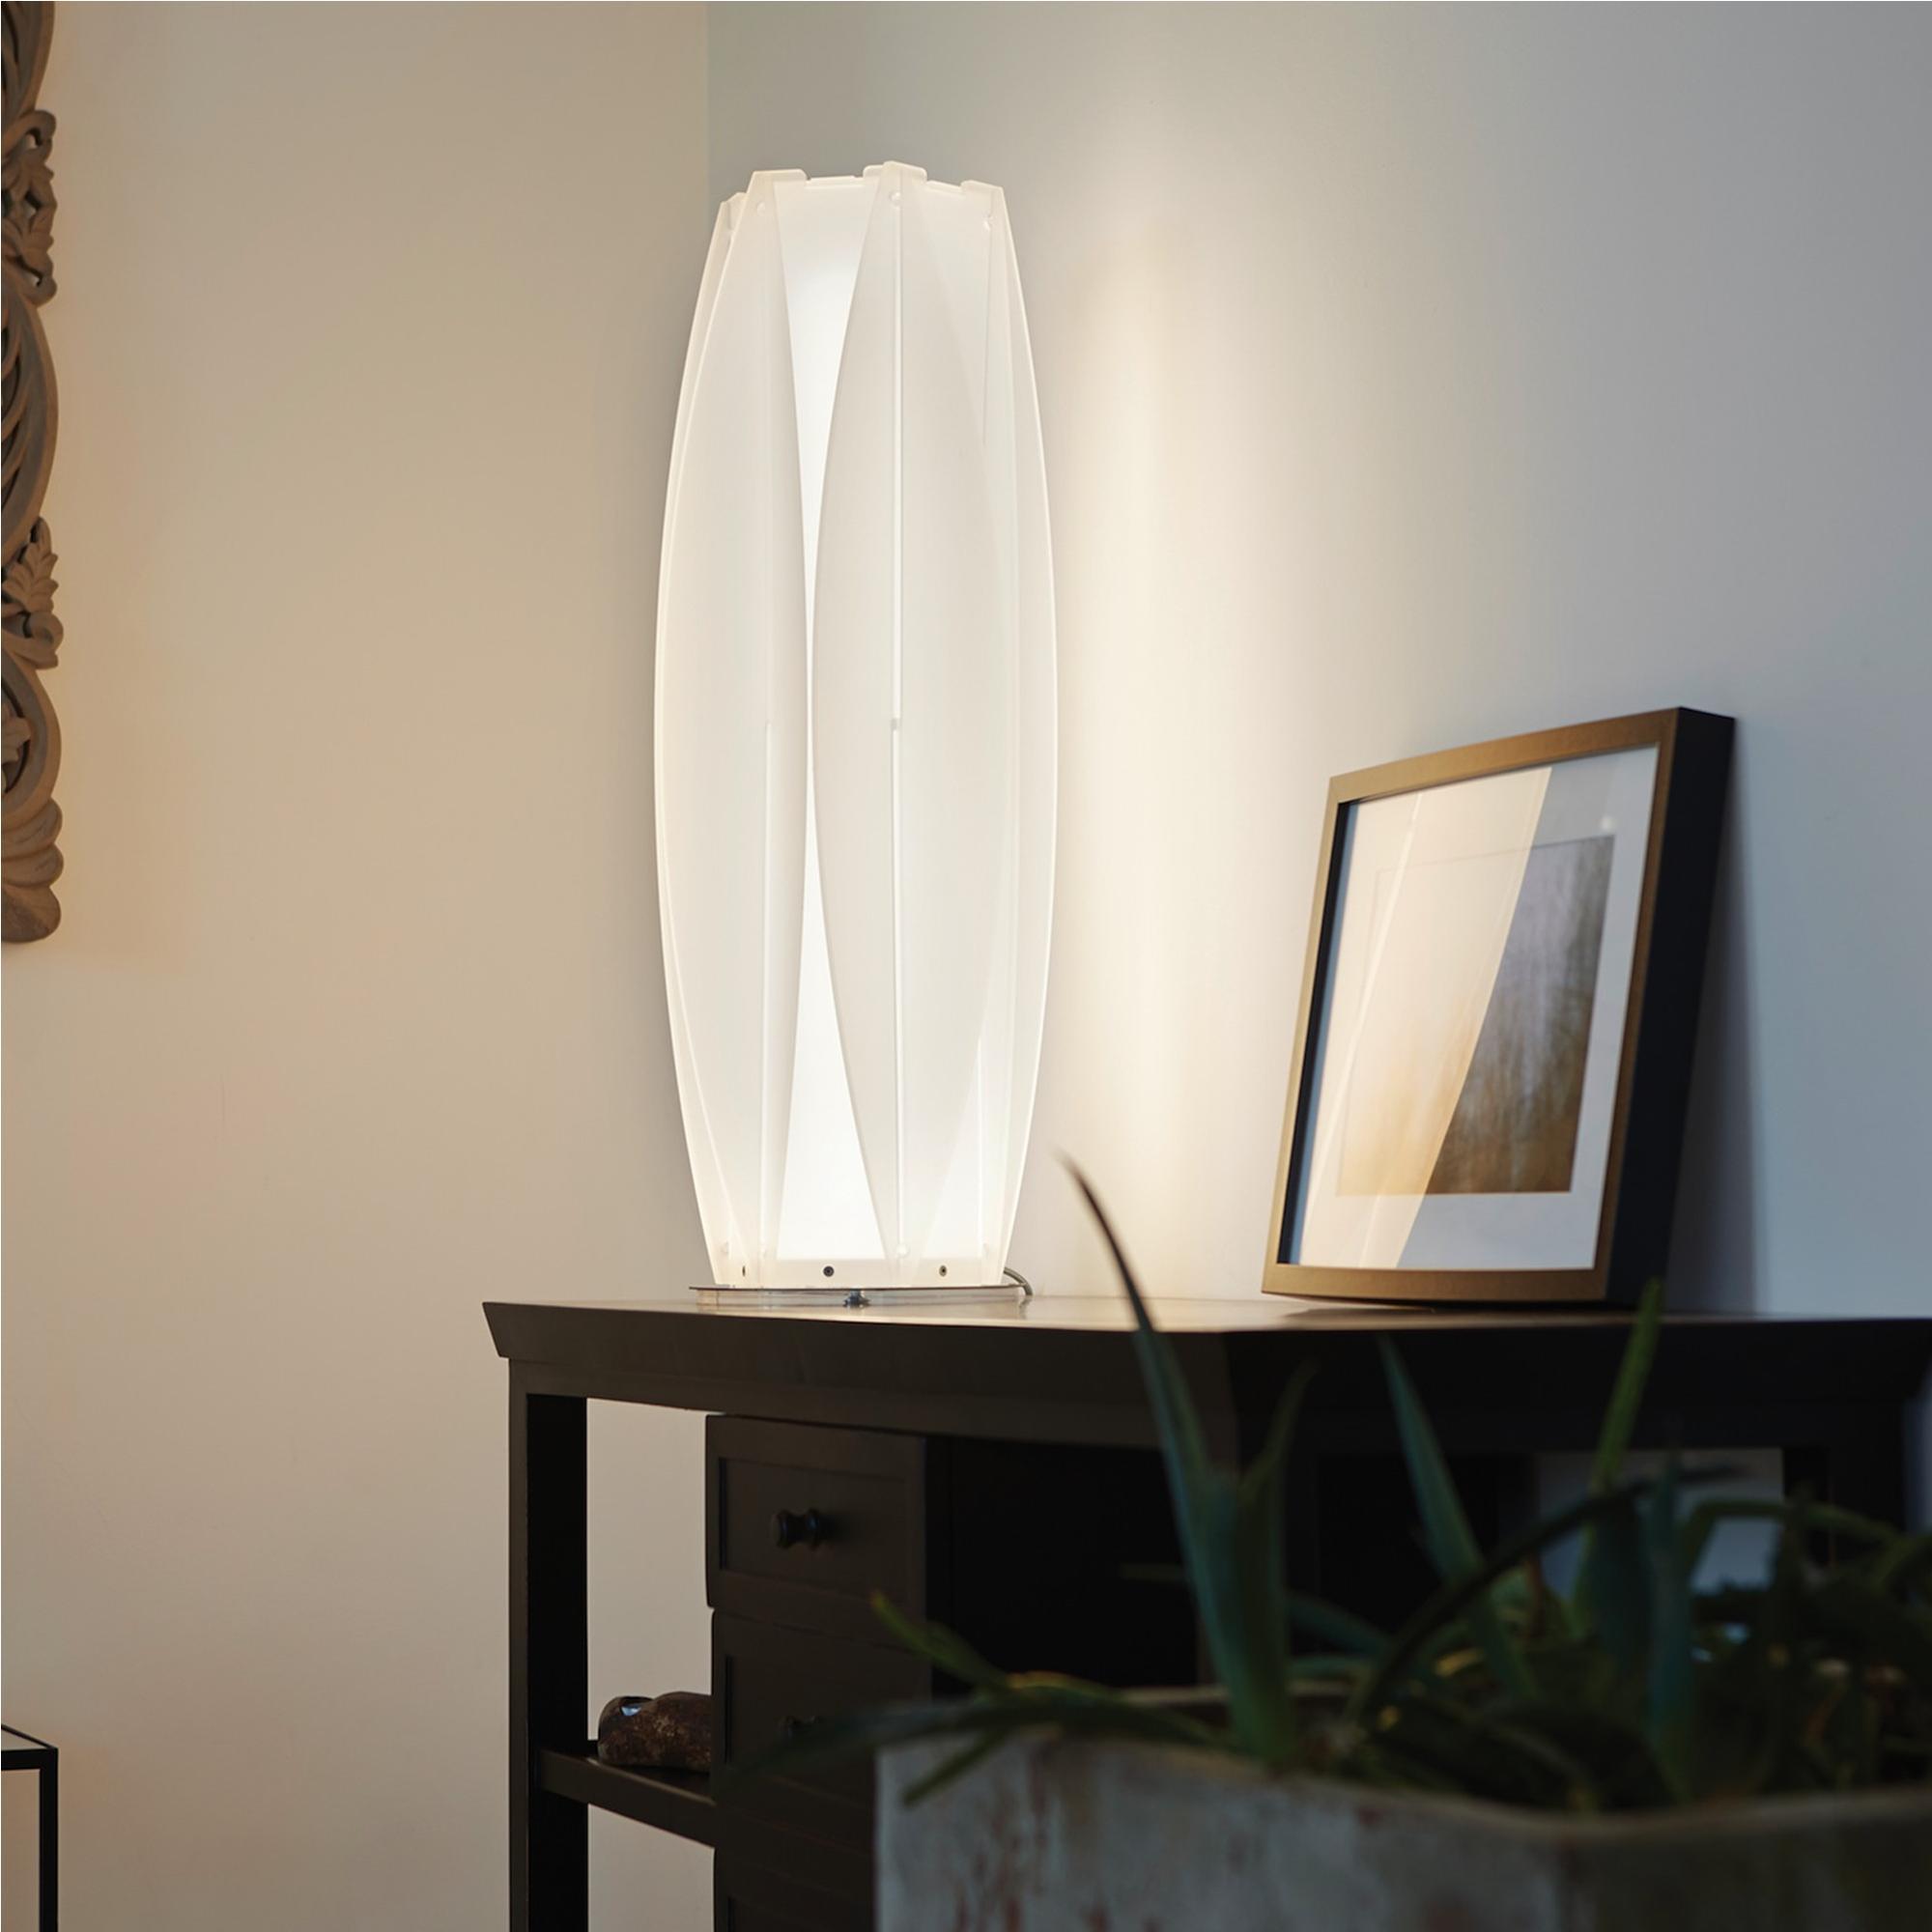 Lampada da tavolo 23xh76 cm kira small con lampada in pmma cristopal base inox emporium - Base lampada da tavolo ...